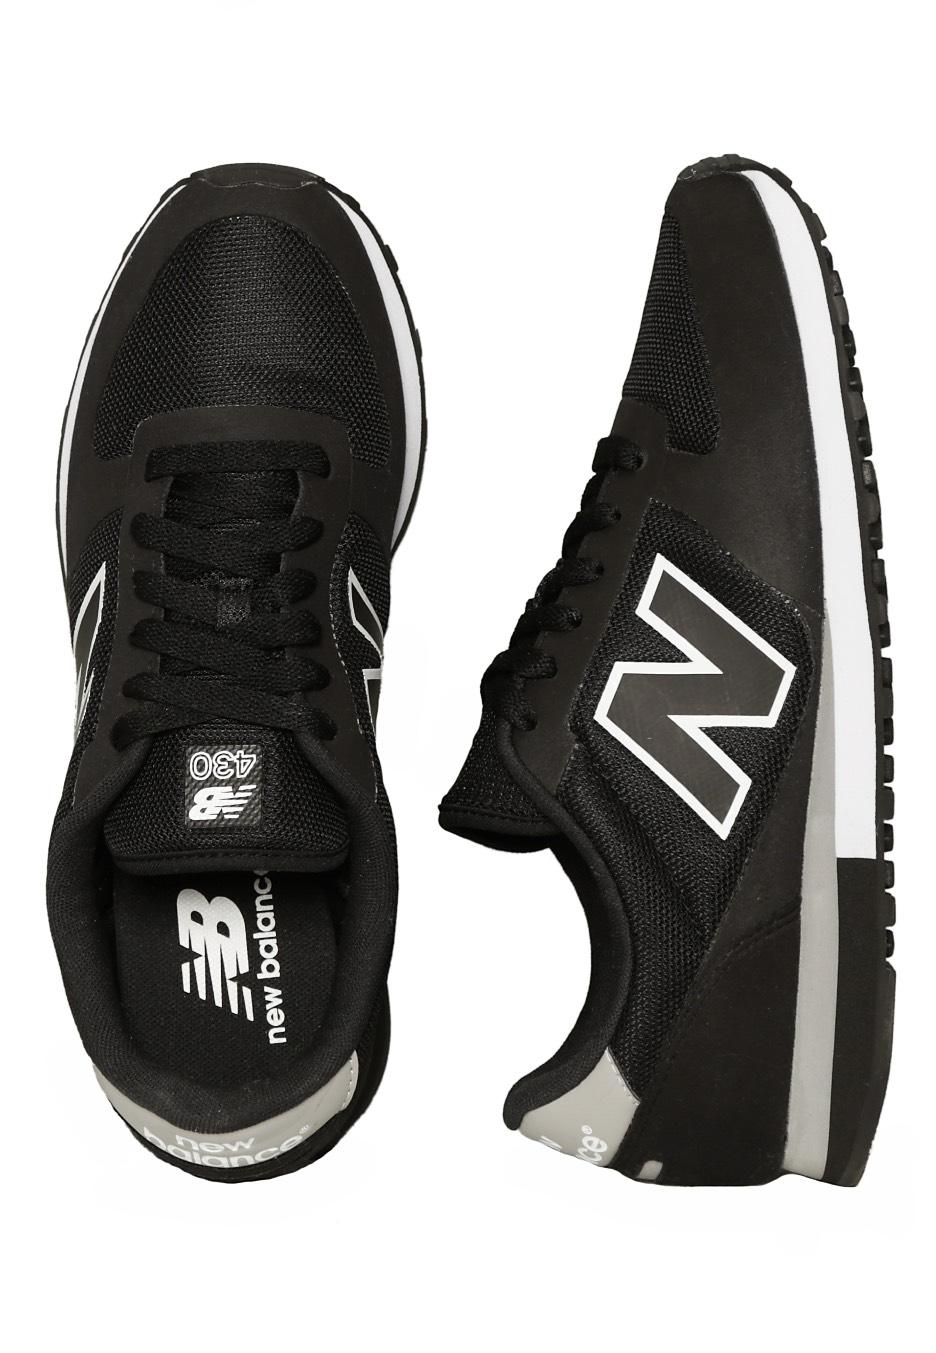 new balance u430bw black white shoes impericon